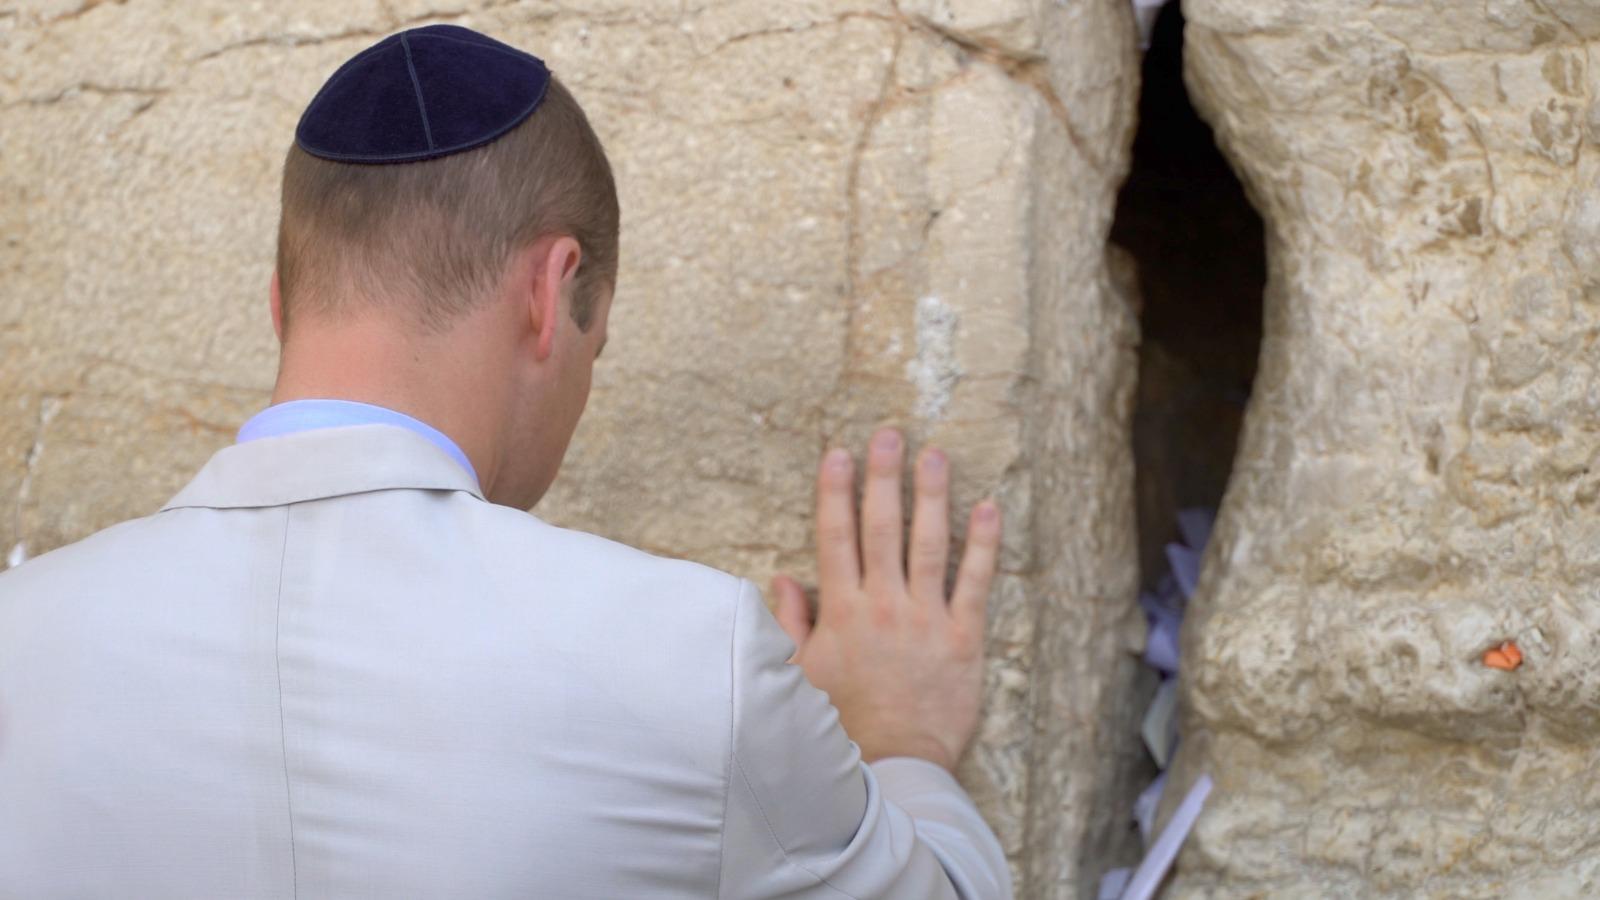 בכותל: הנסיך סיים את ביקורו בישראל • צפו